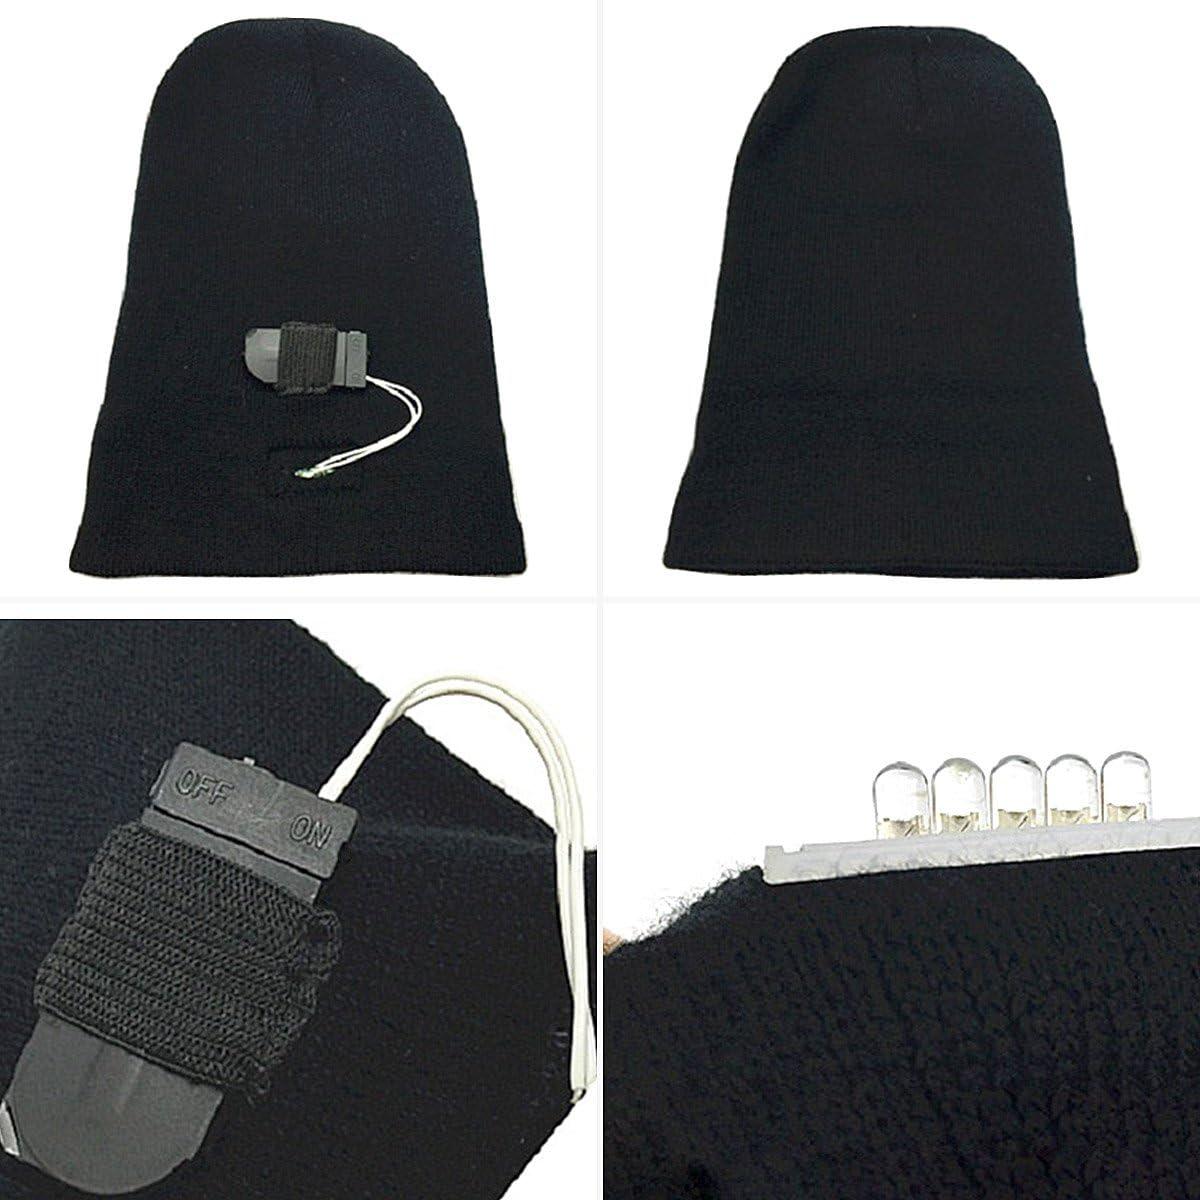 Walsilk 5 LED Beanie Cappello,LED Cappello a Maglia,LED Berretto a Maglia,LED Cappello del Beanie,Cappello del Faro,Cappello Caldo Invernale per la Caccia,Campeggio,Jogging,Camminata Corsa